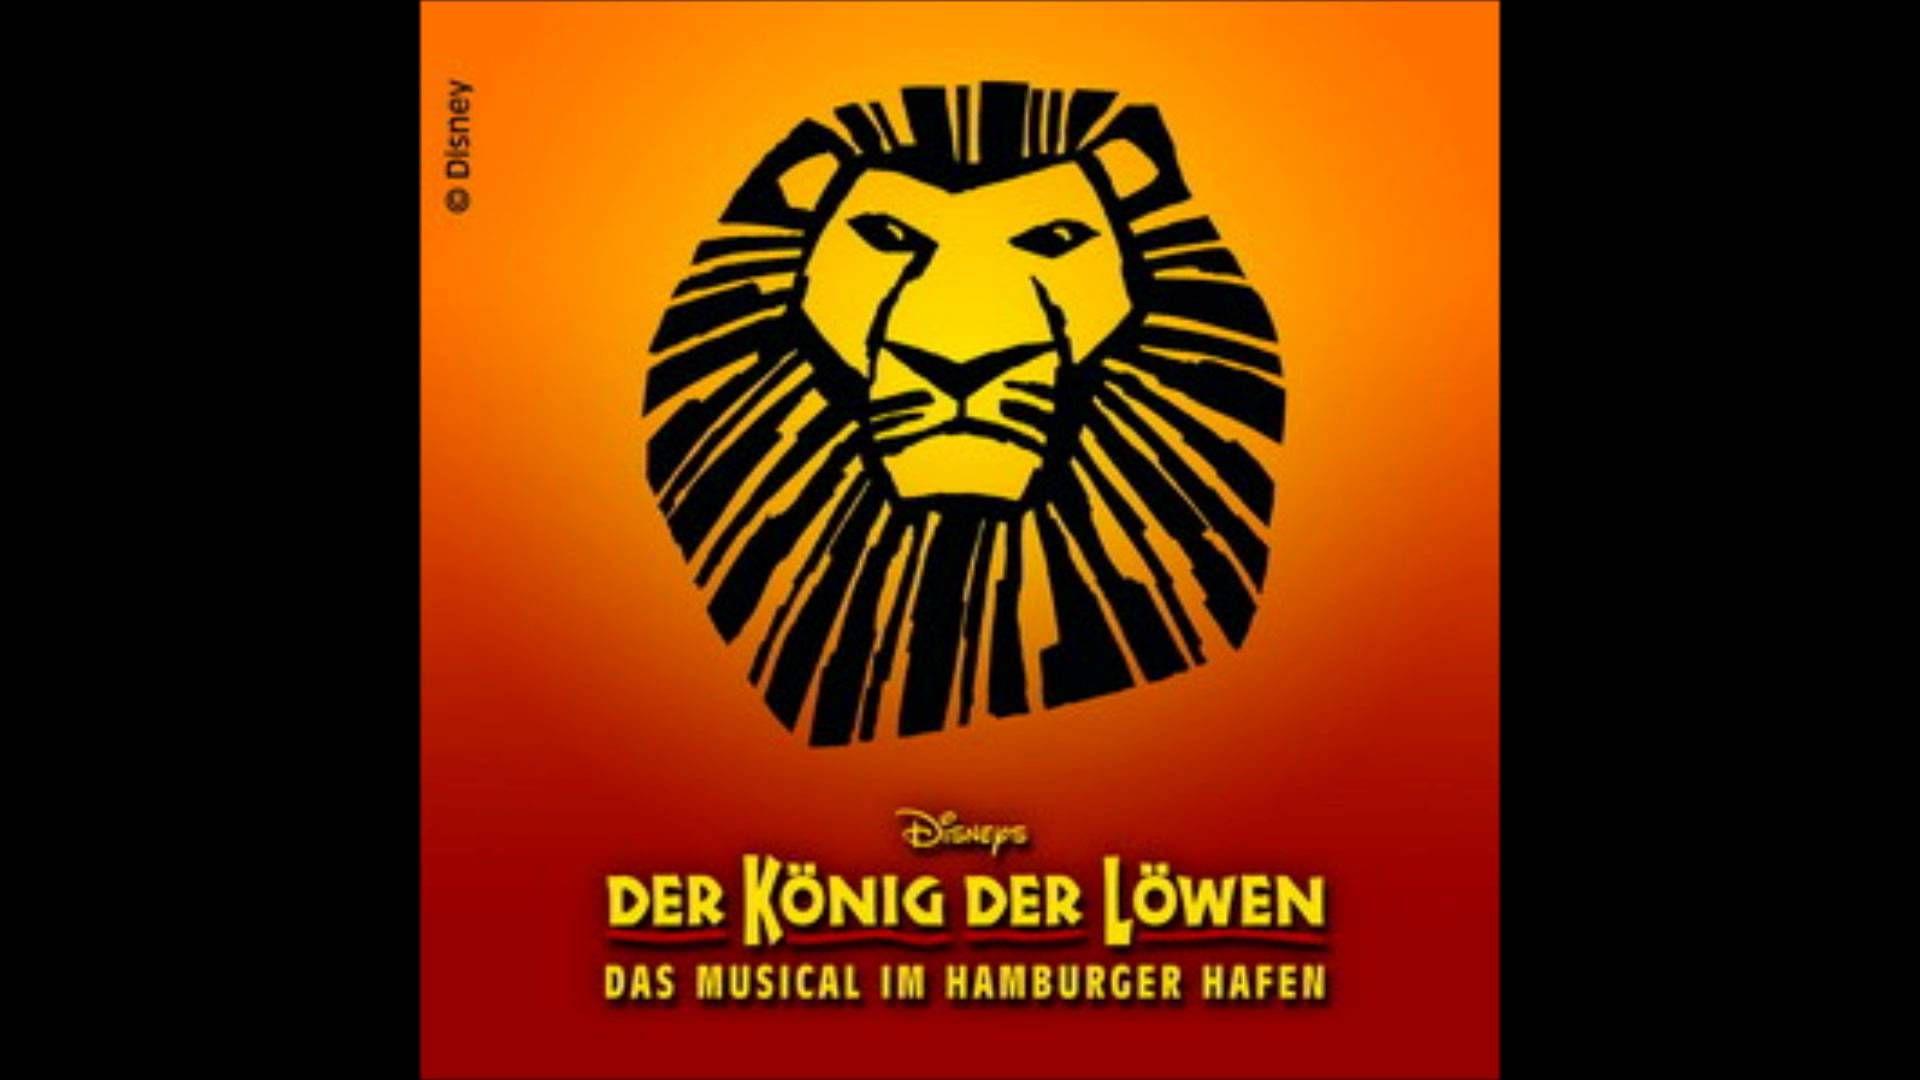 Konig Der Lowen Er Lebt In Dir Musical Broadway Poster Der Konig Der Lowen Konig Der Lowen